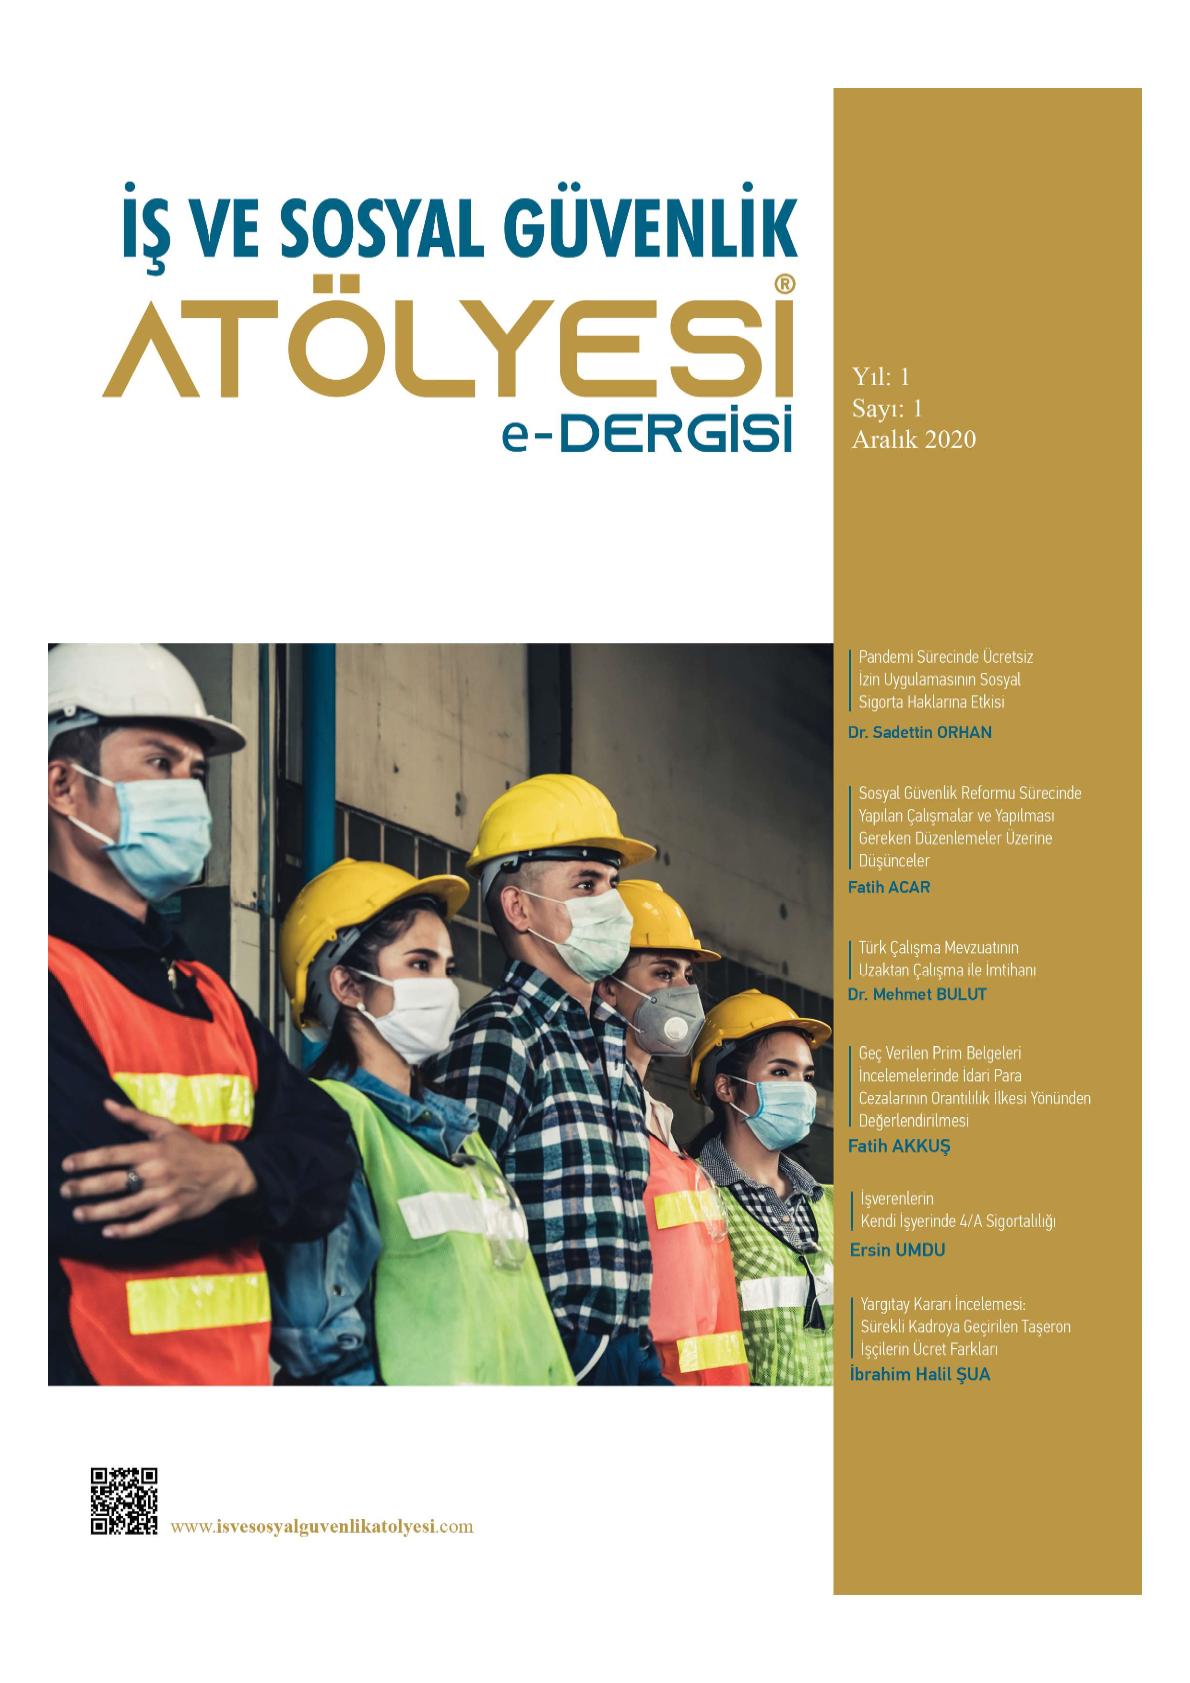 İş ve Sosyal Güvenlik Atölyesi e-Dergisi-Asos İndeks